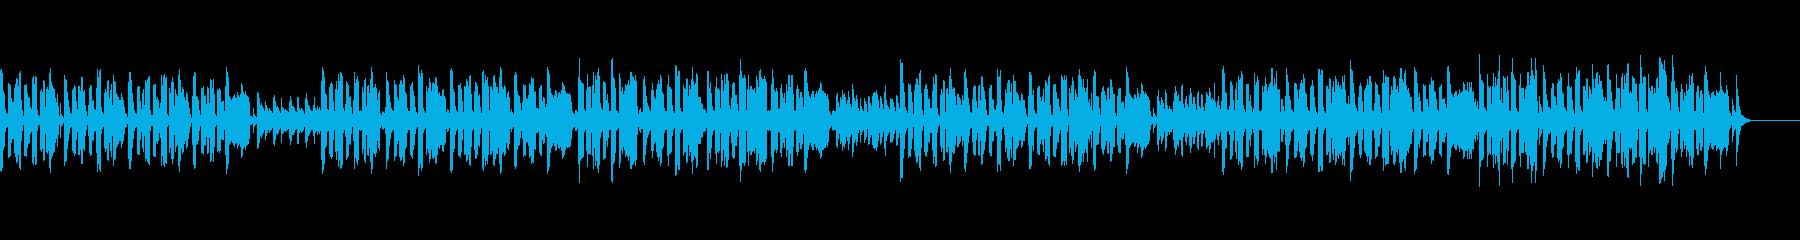 日常的で平和なとても柔和な楽曲の再生済みの波形